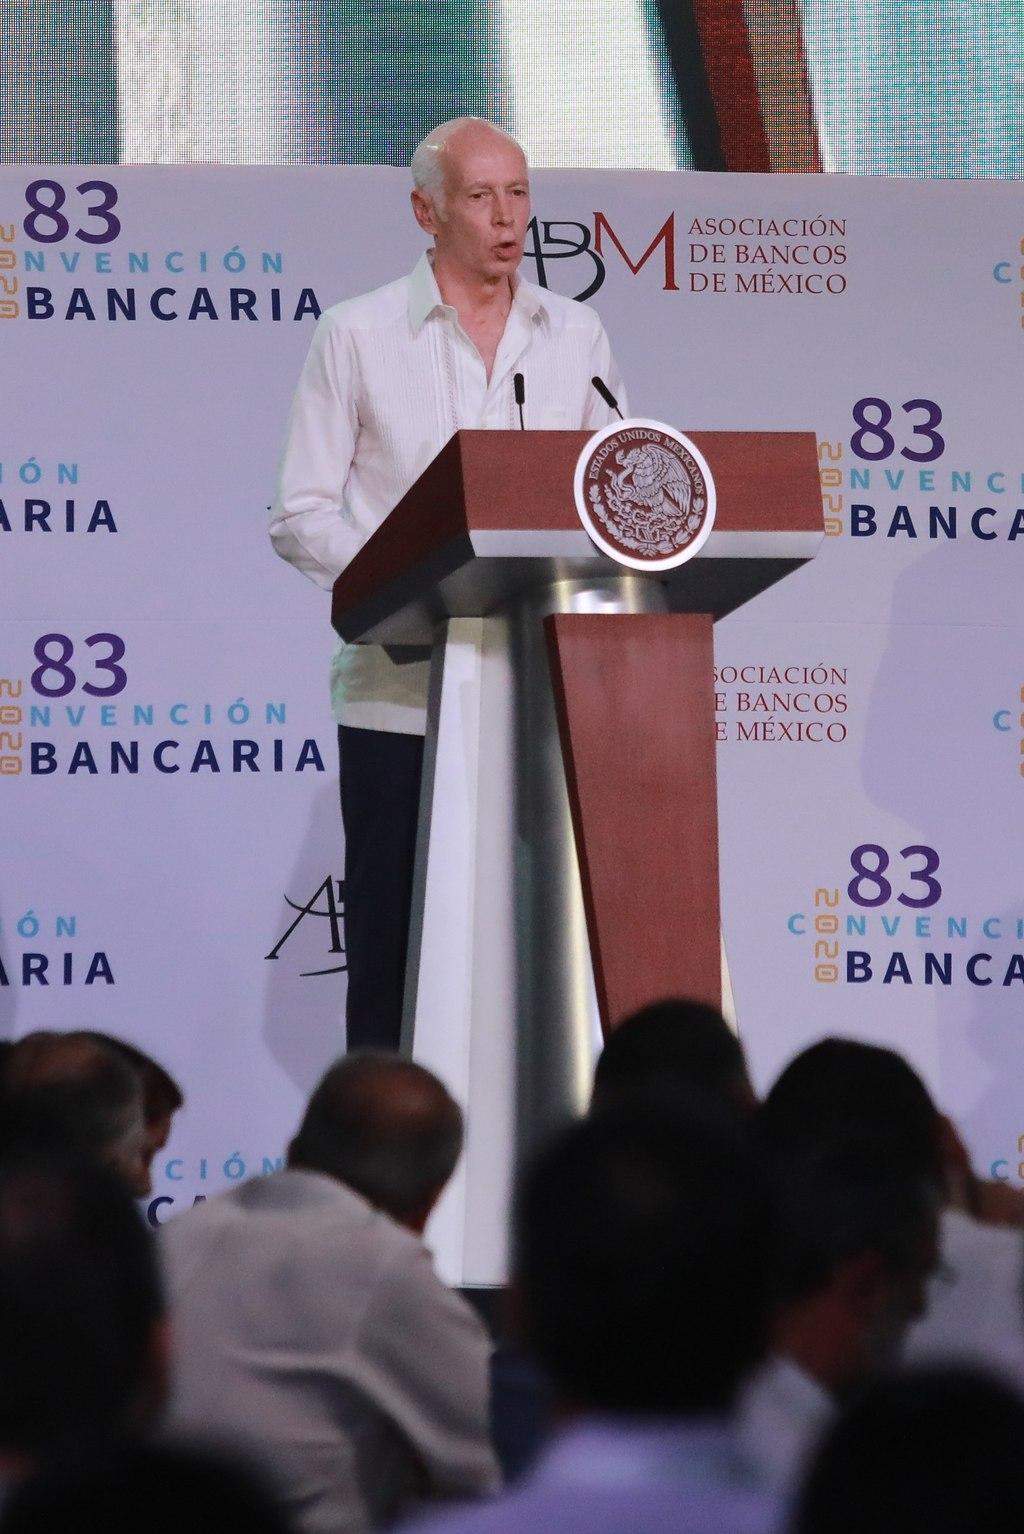 Crece ahorro en México; cae crédito